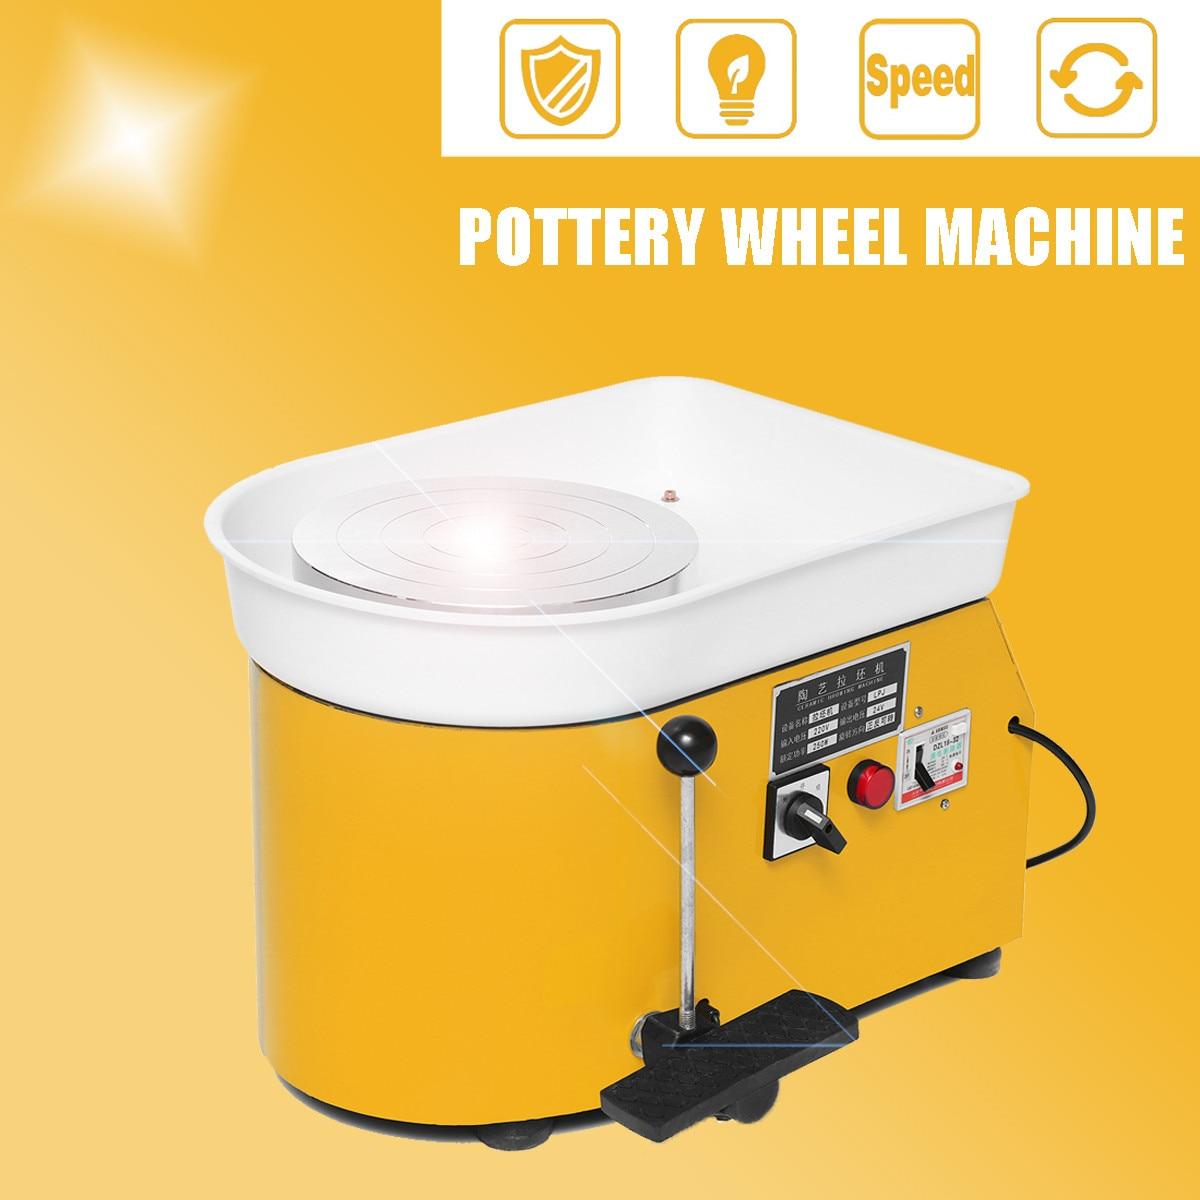 350 W 110 V NOUS Élégant Jaune Électrique Tour De Potier Machine Accessoire Céramique Argile Outil Pied Pédale Art Artisanat